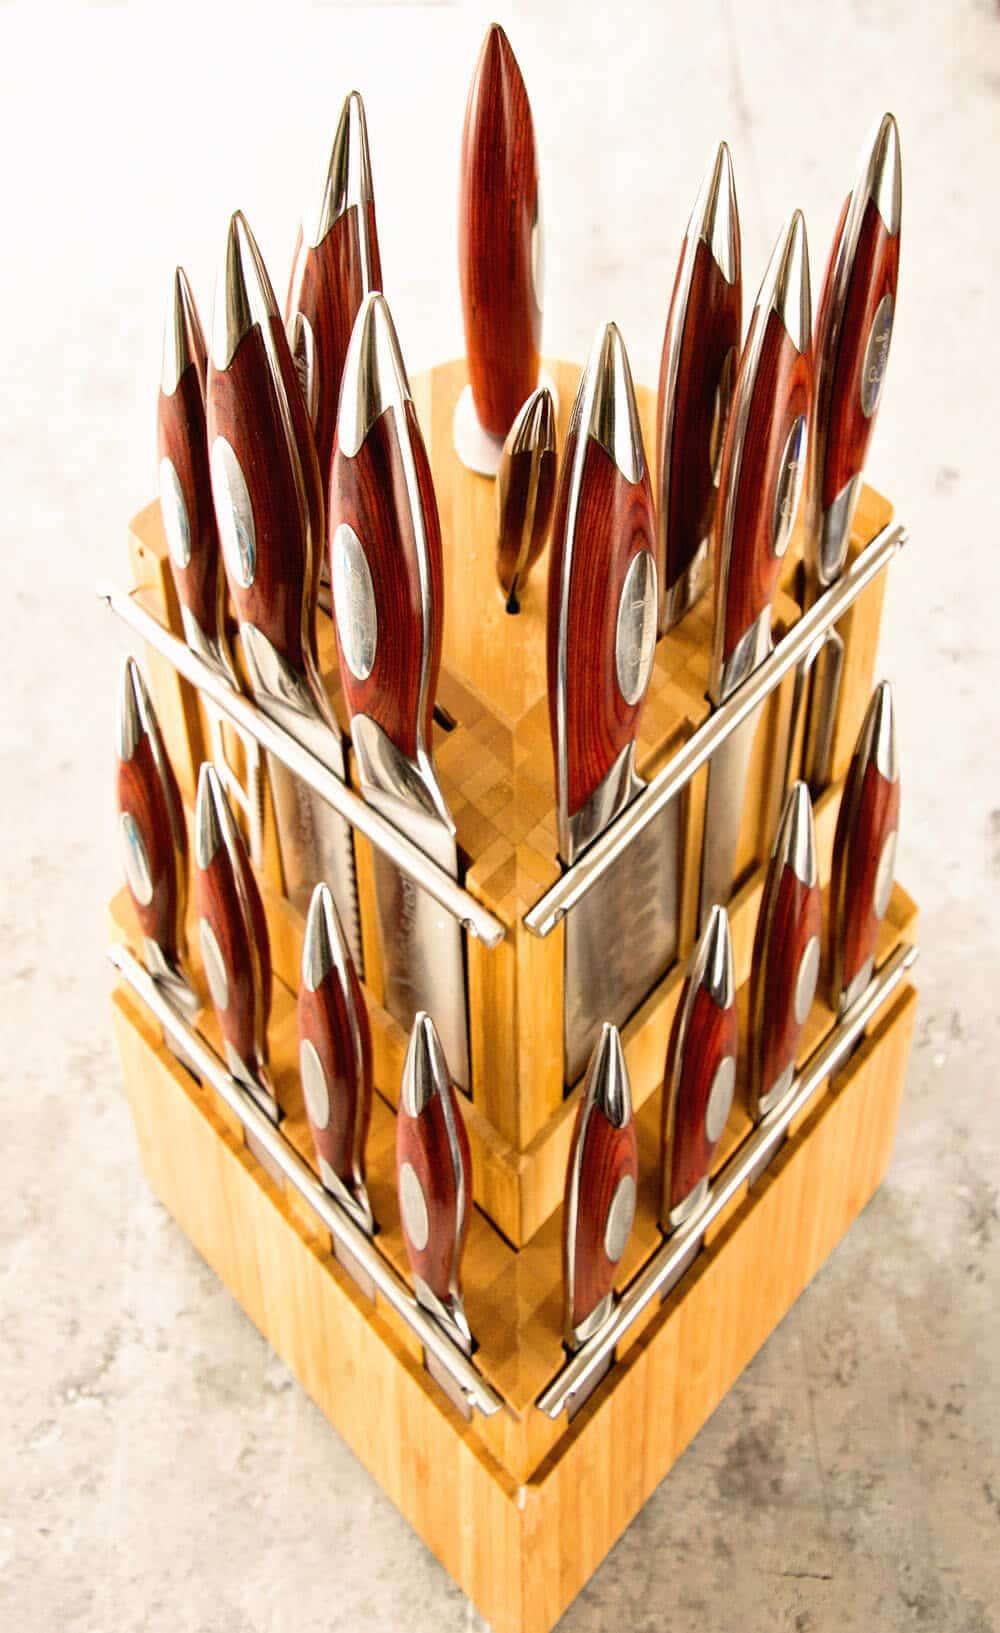 LifeLongCutlery Knife Set